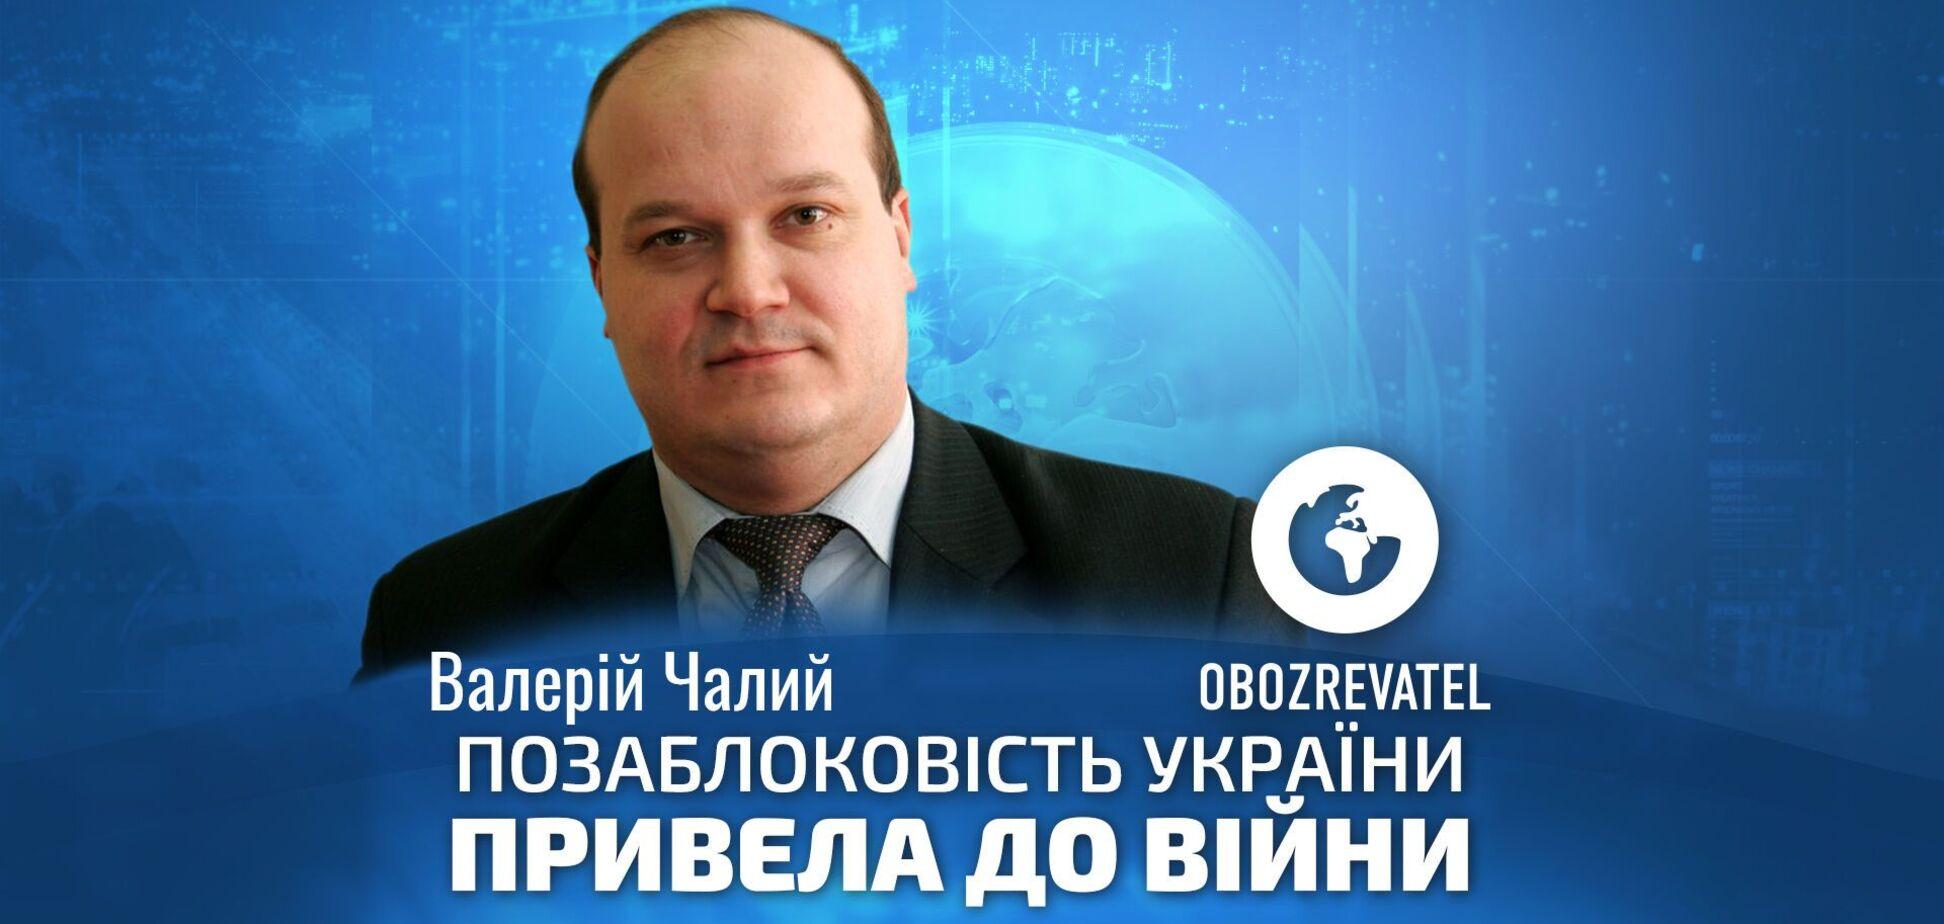 Байден приїде до Києва за однієї умови, – Чалий